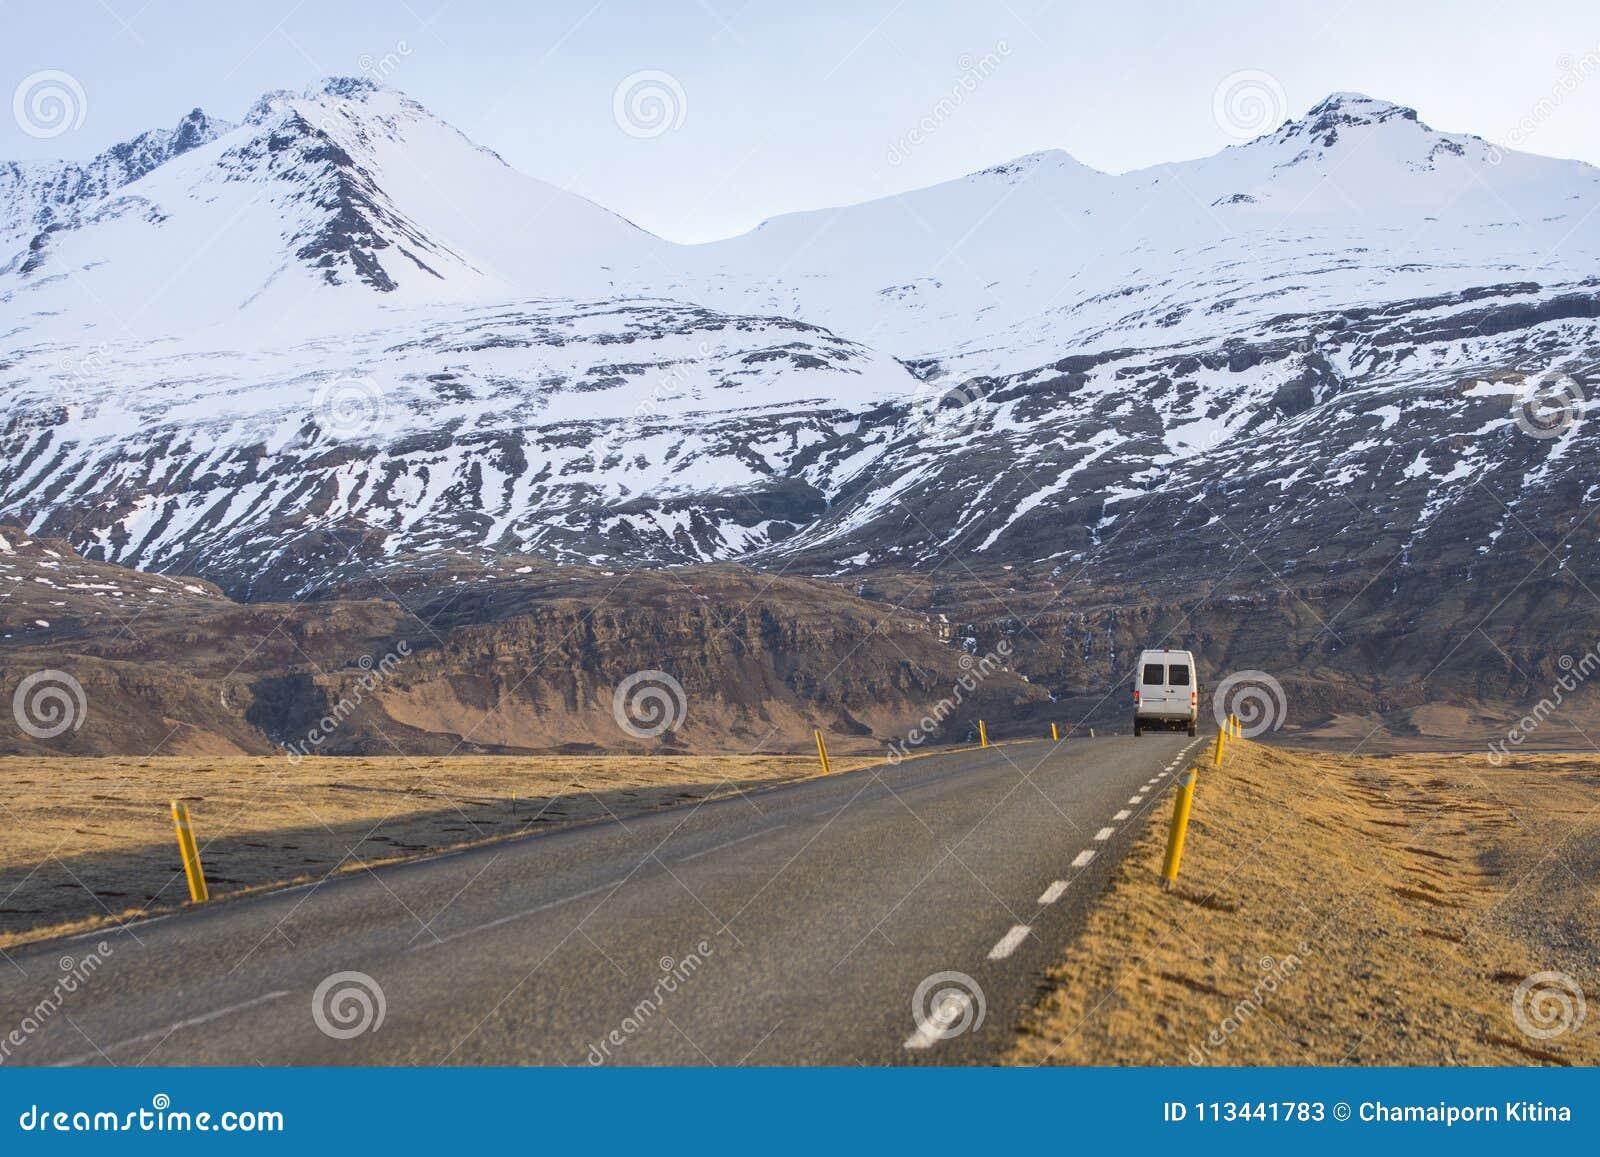 El vehículo recreativo en el camino islandés con nieve capsuló la montaña